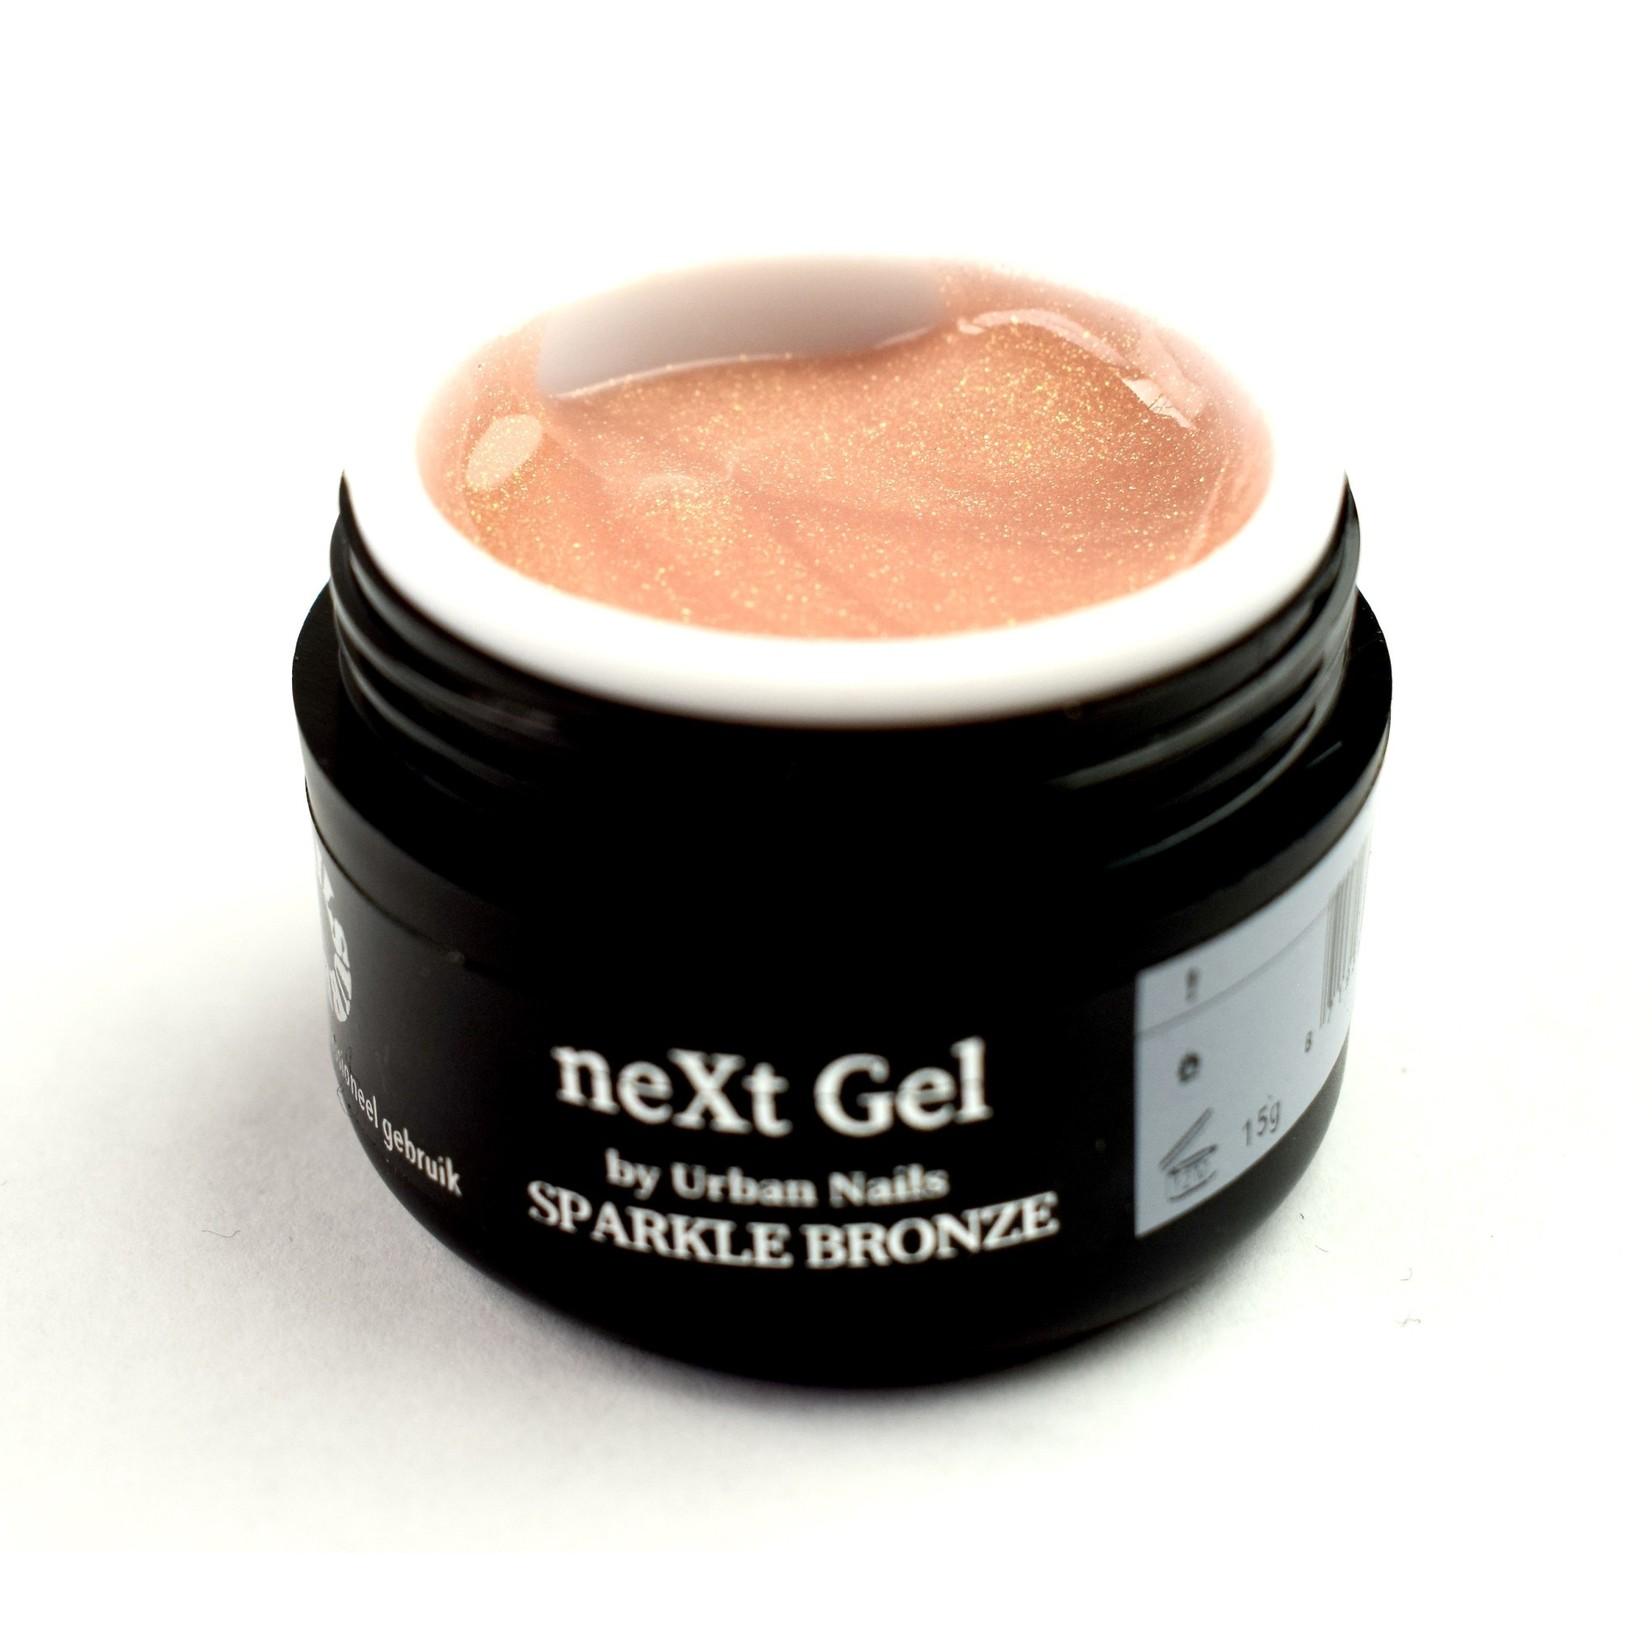 Urban Nails Next Gel Sparkle Bronze